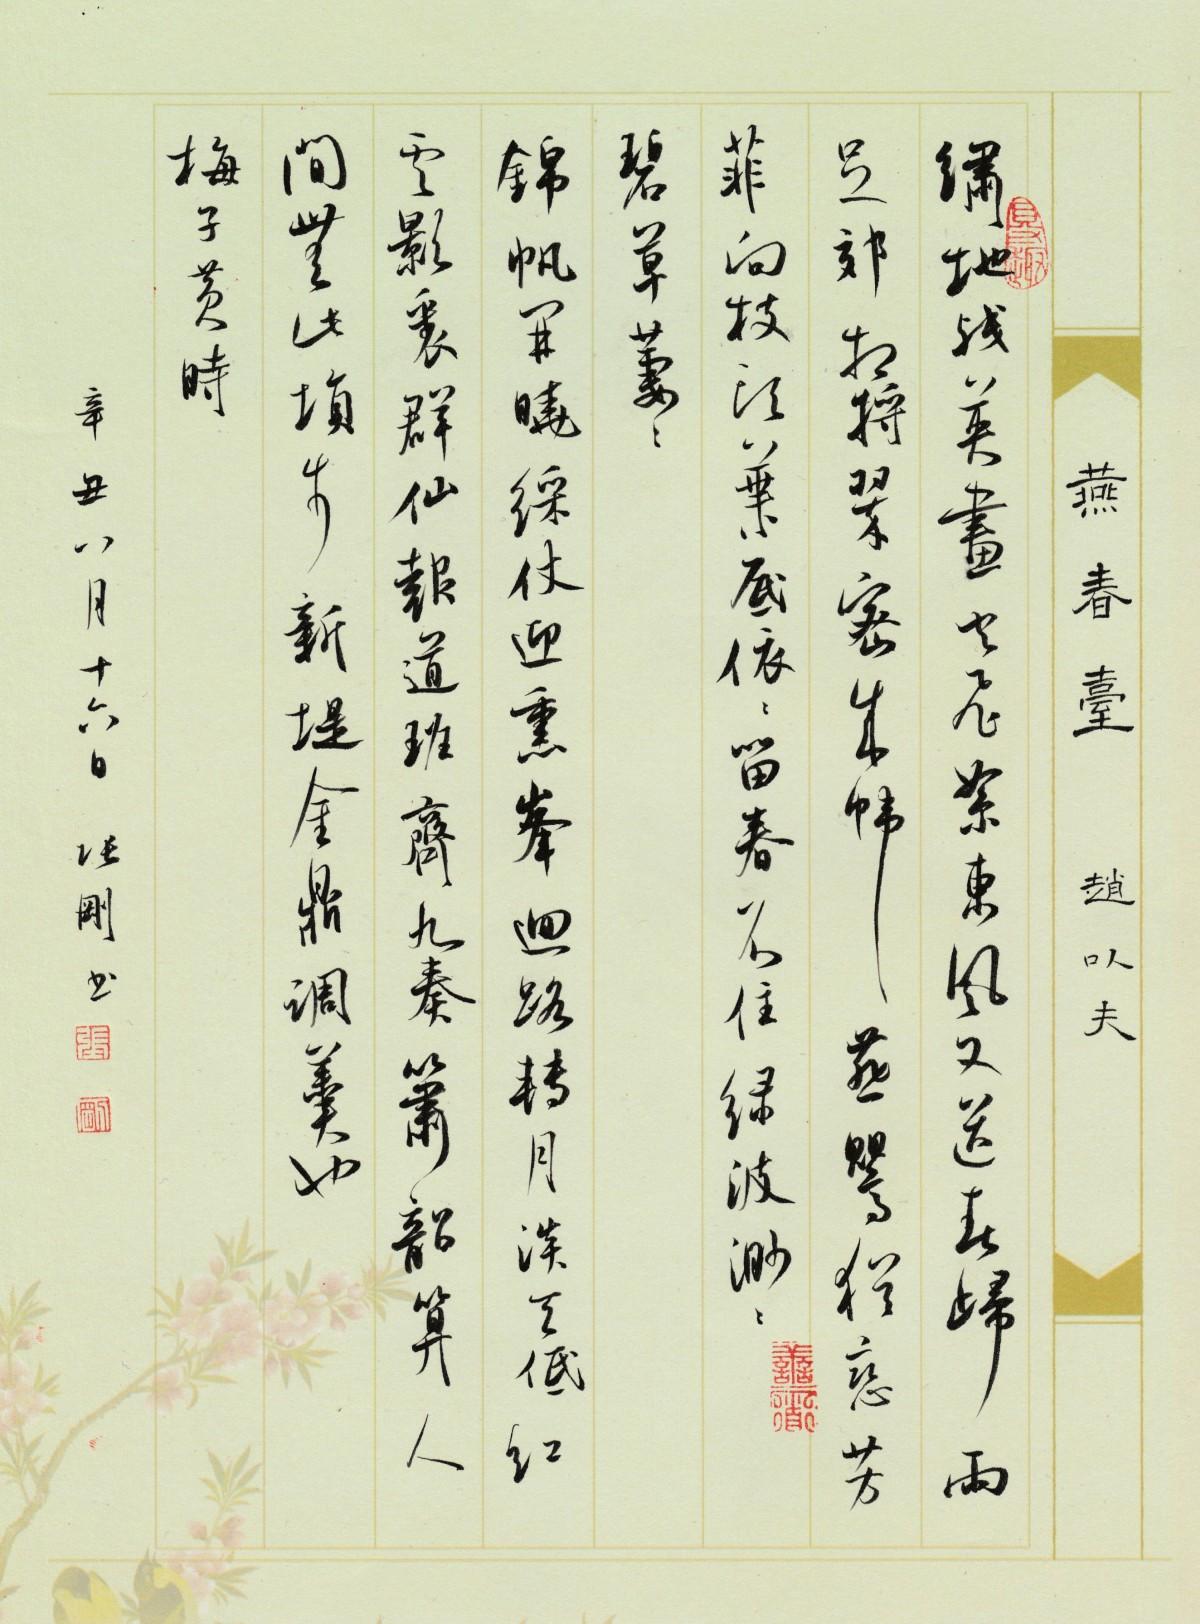 钢笔书法练字打卡20210817-07